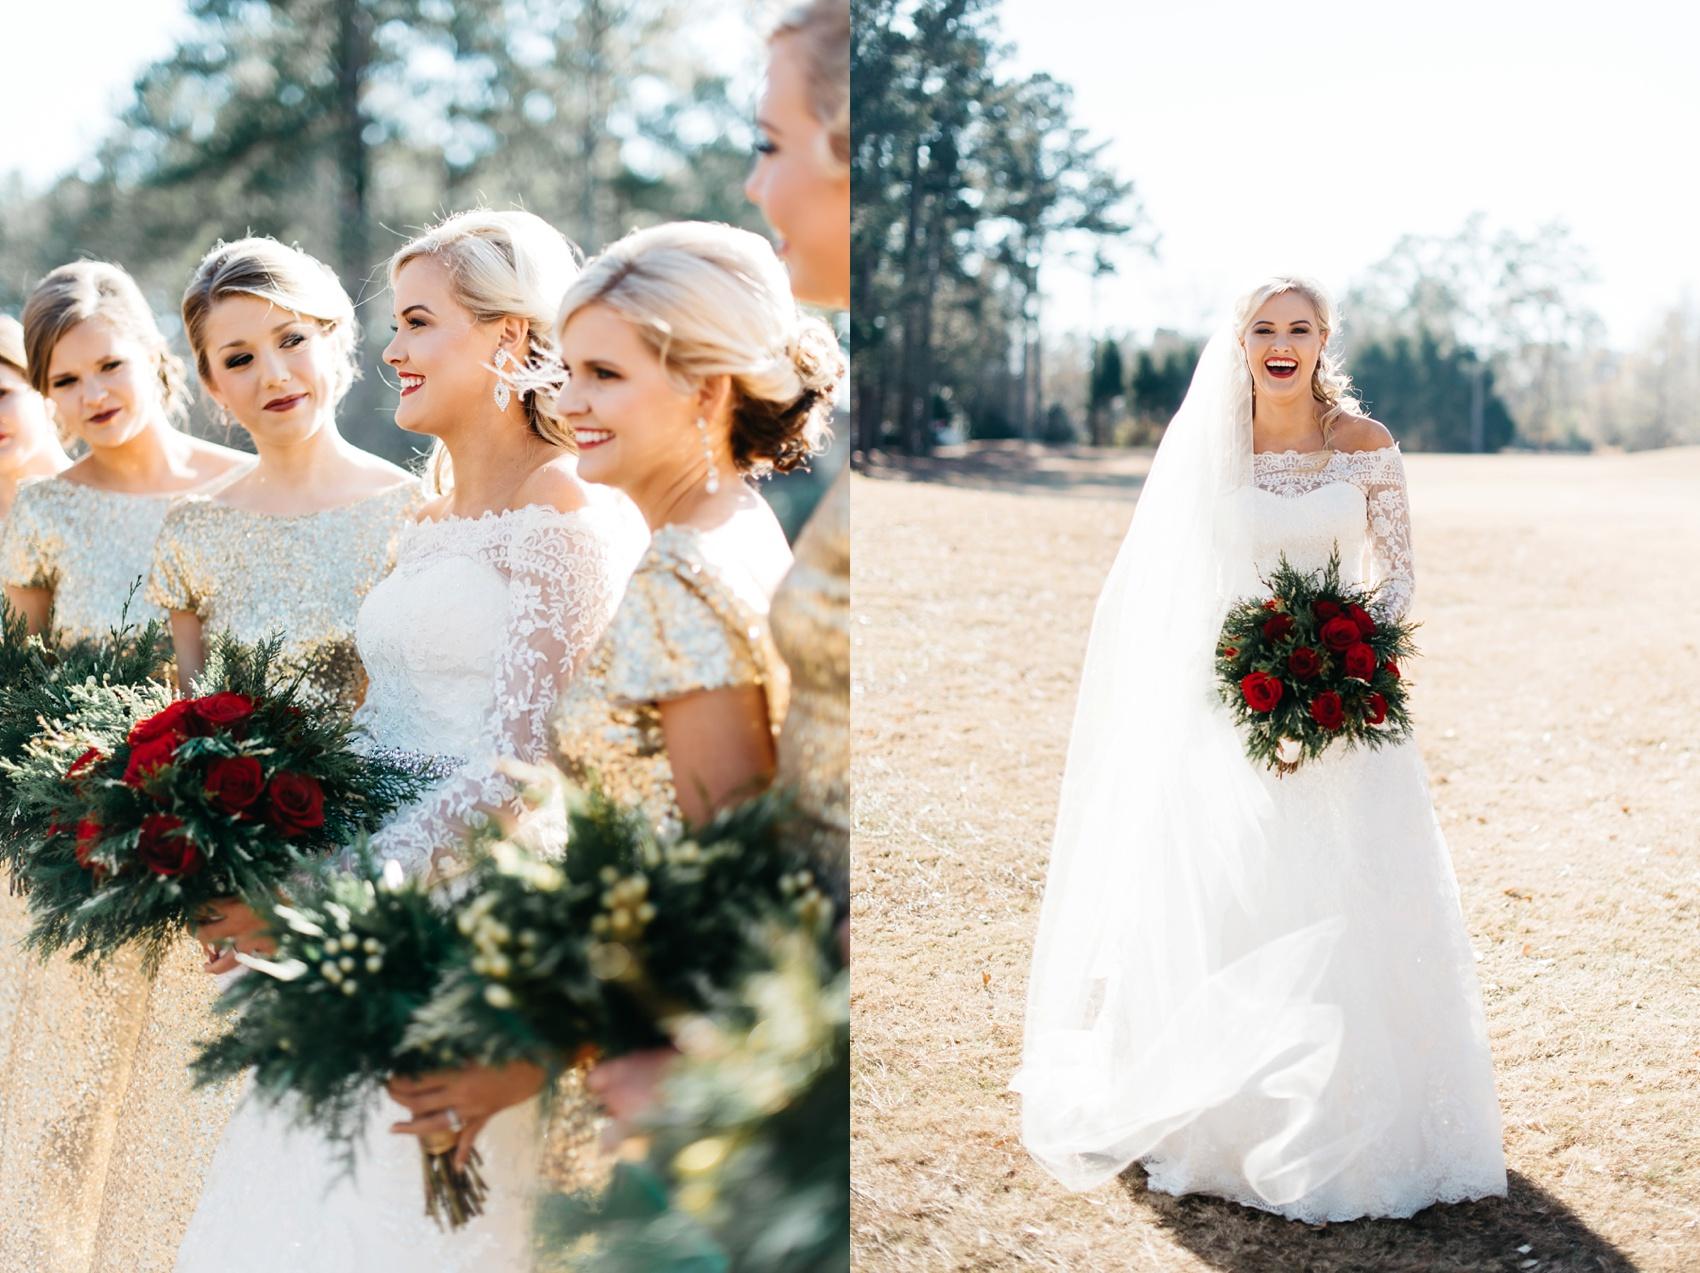 stillco_wedding_3183.jpg